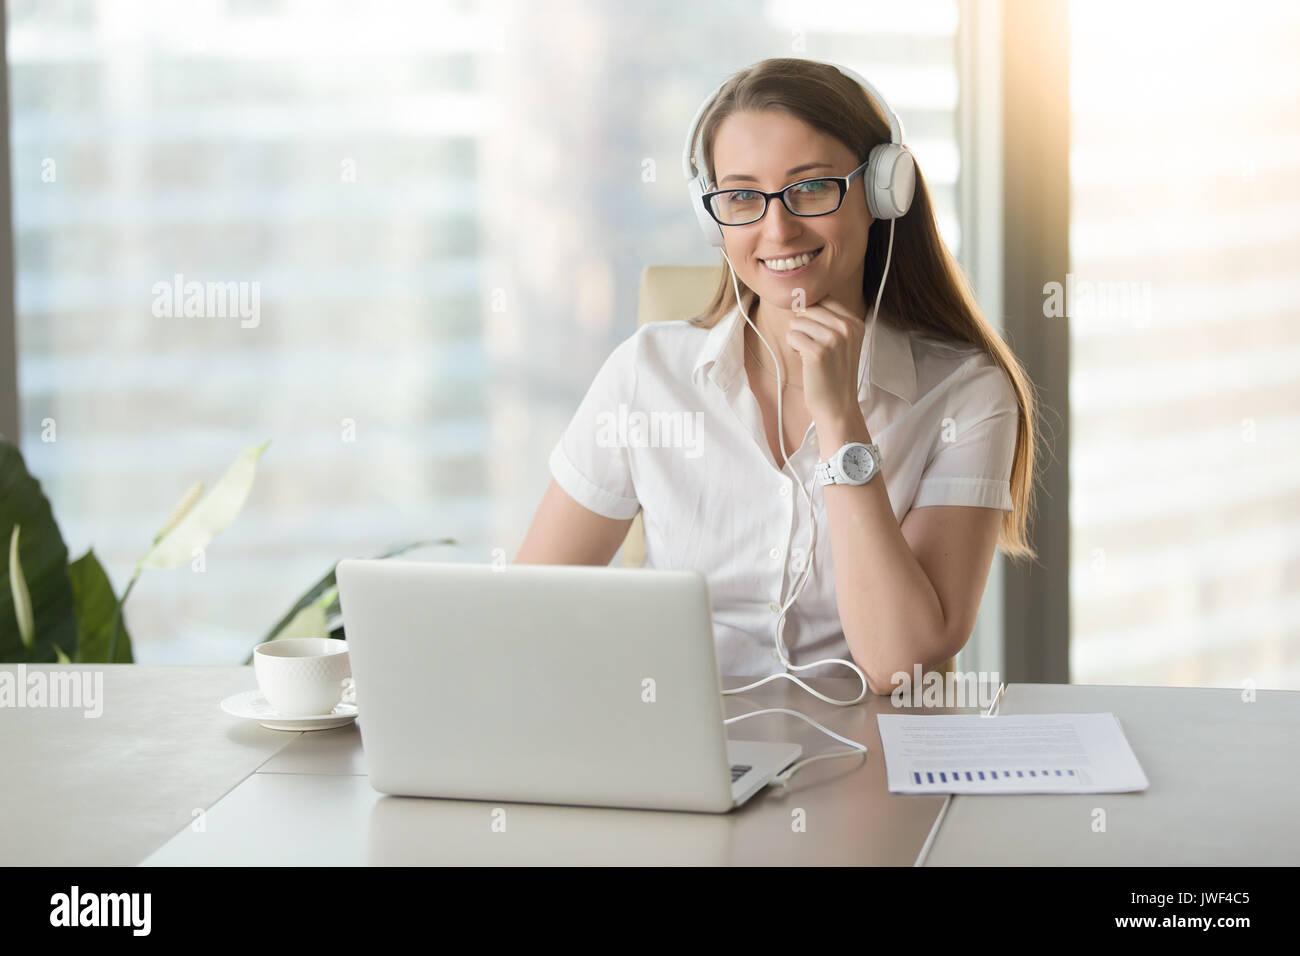 Lächelnd Geschäftsfrau mit Kopfhörern mit Laptop posing bei w Stockbild